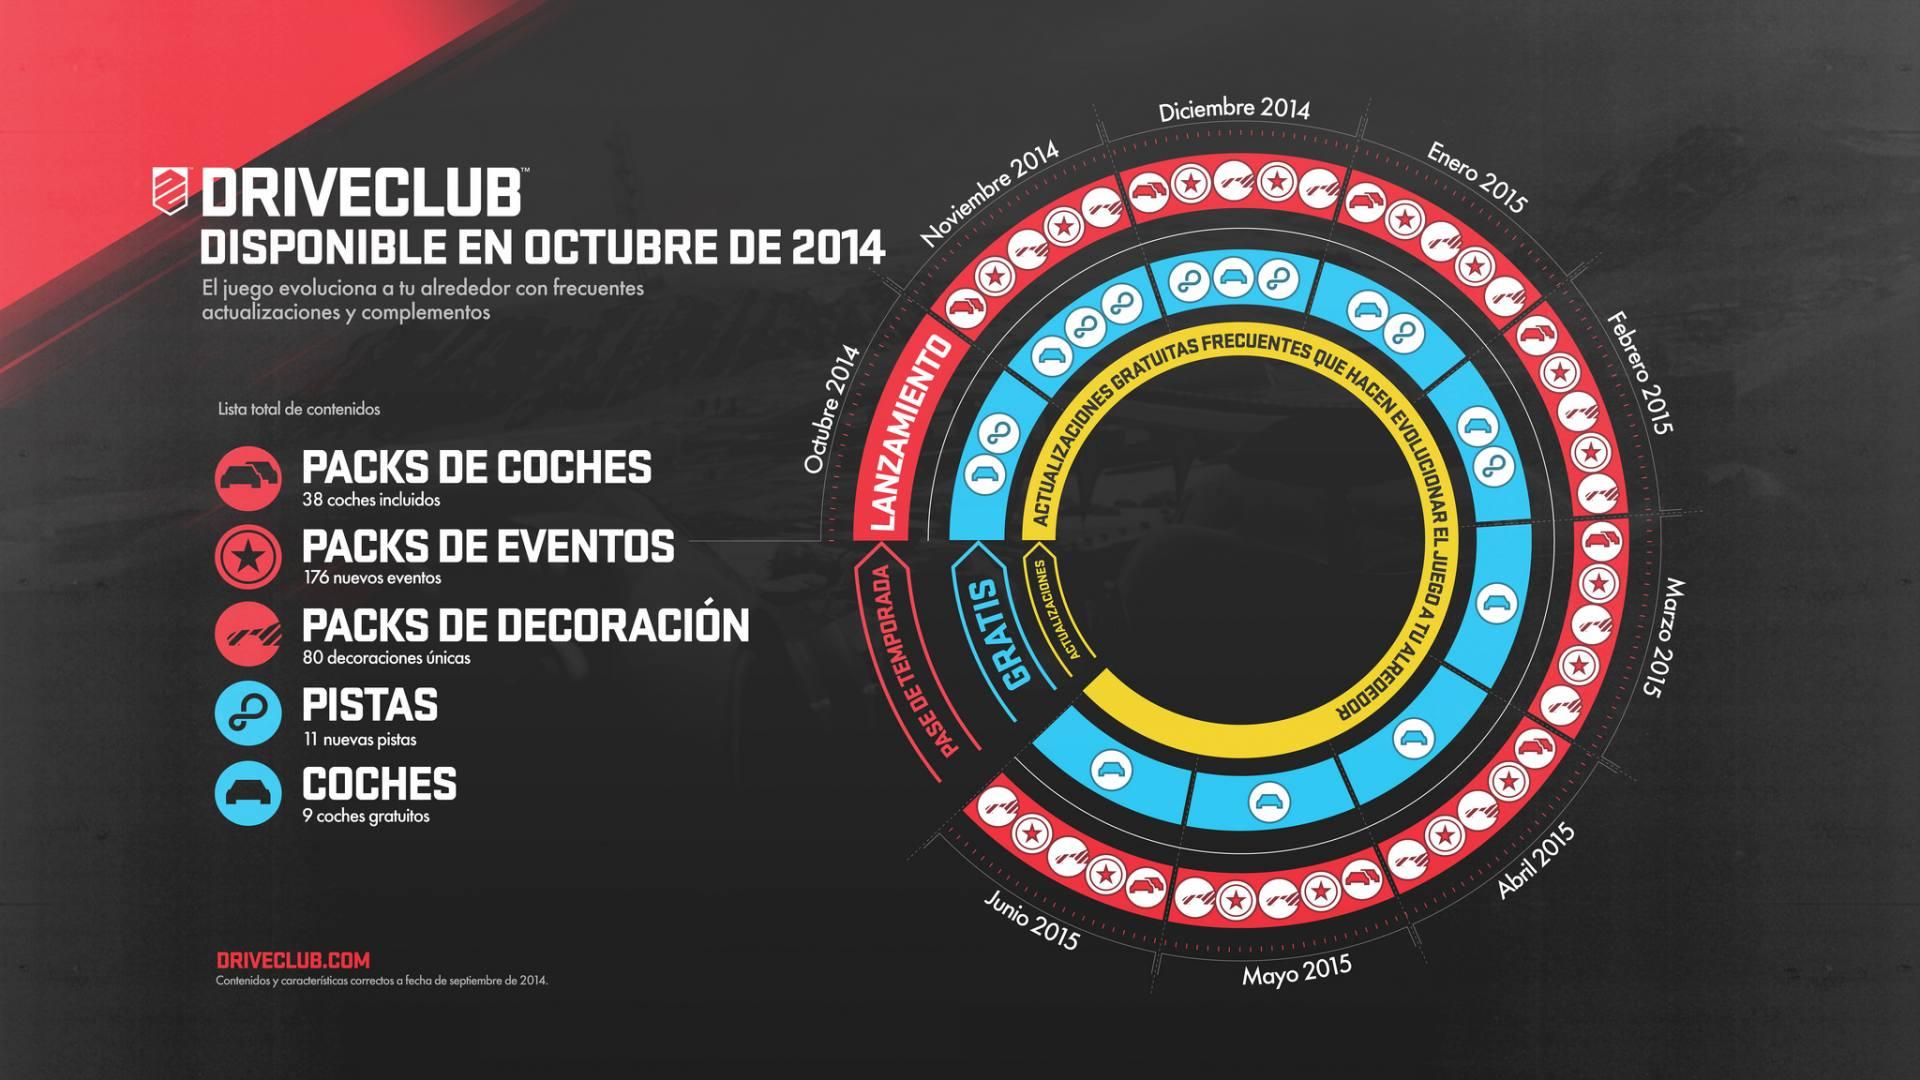 DriveClub - El Pase de Temporada